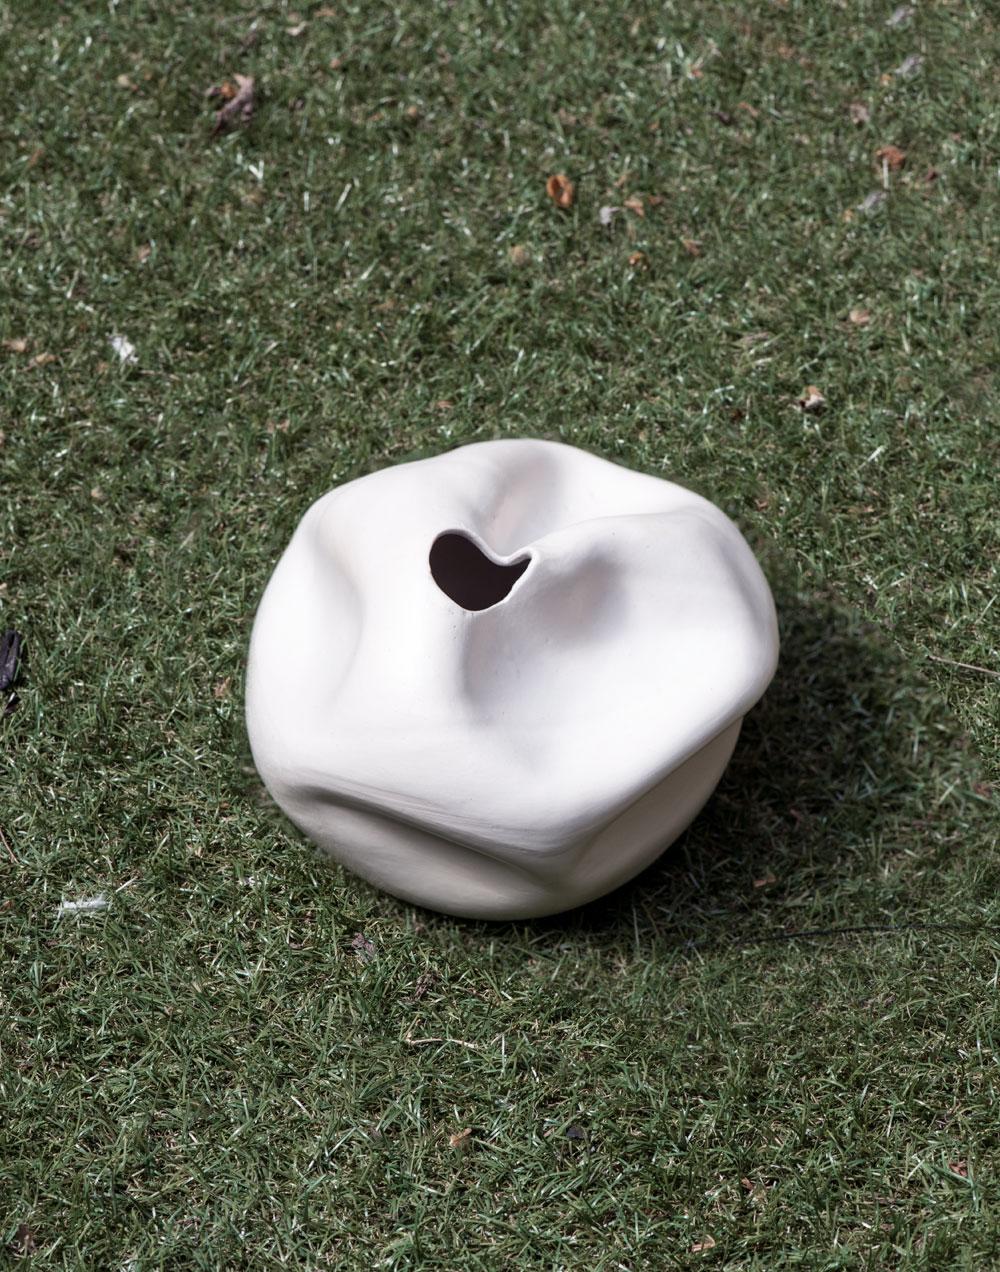 Completedworks-fold-ceramic-compound-1.jpg